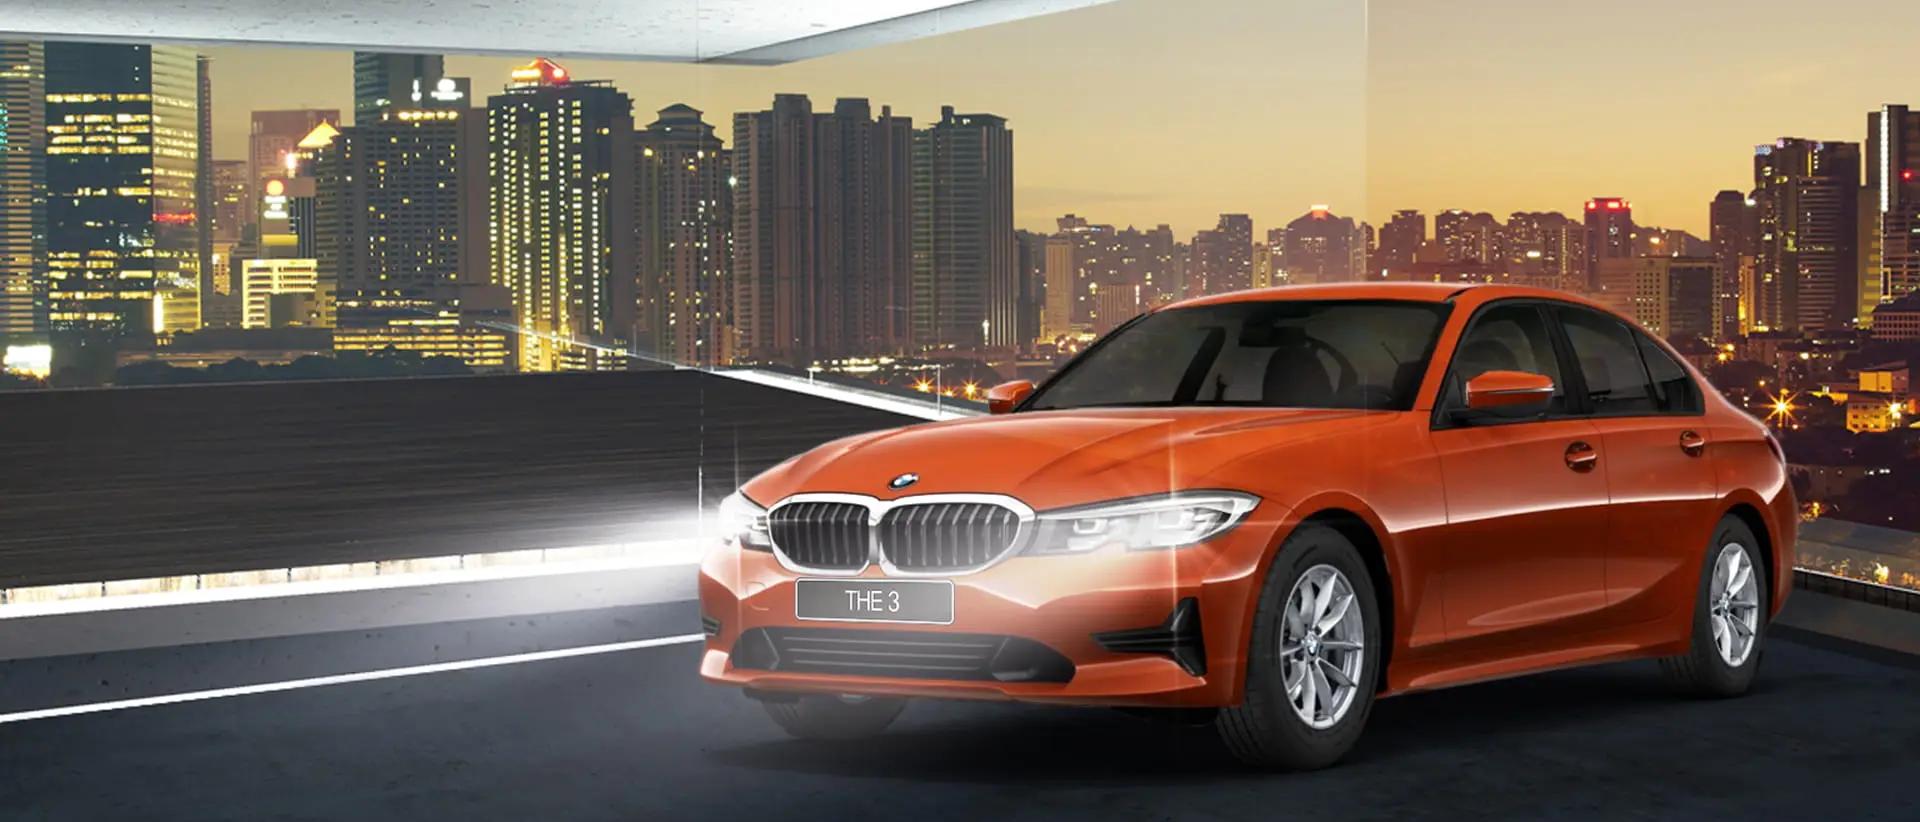 Купить новый БМВ Х6 2020-2021 в Москве в автосалоне официального дилера BMW Автодом Внуково